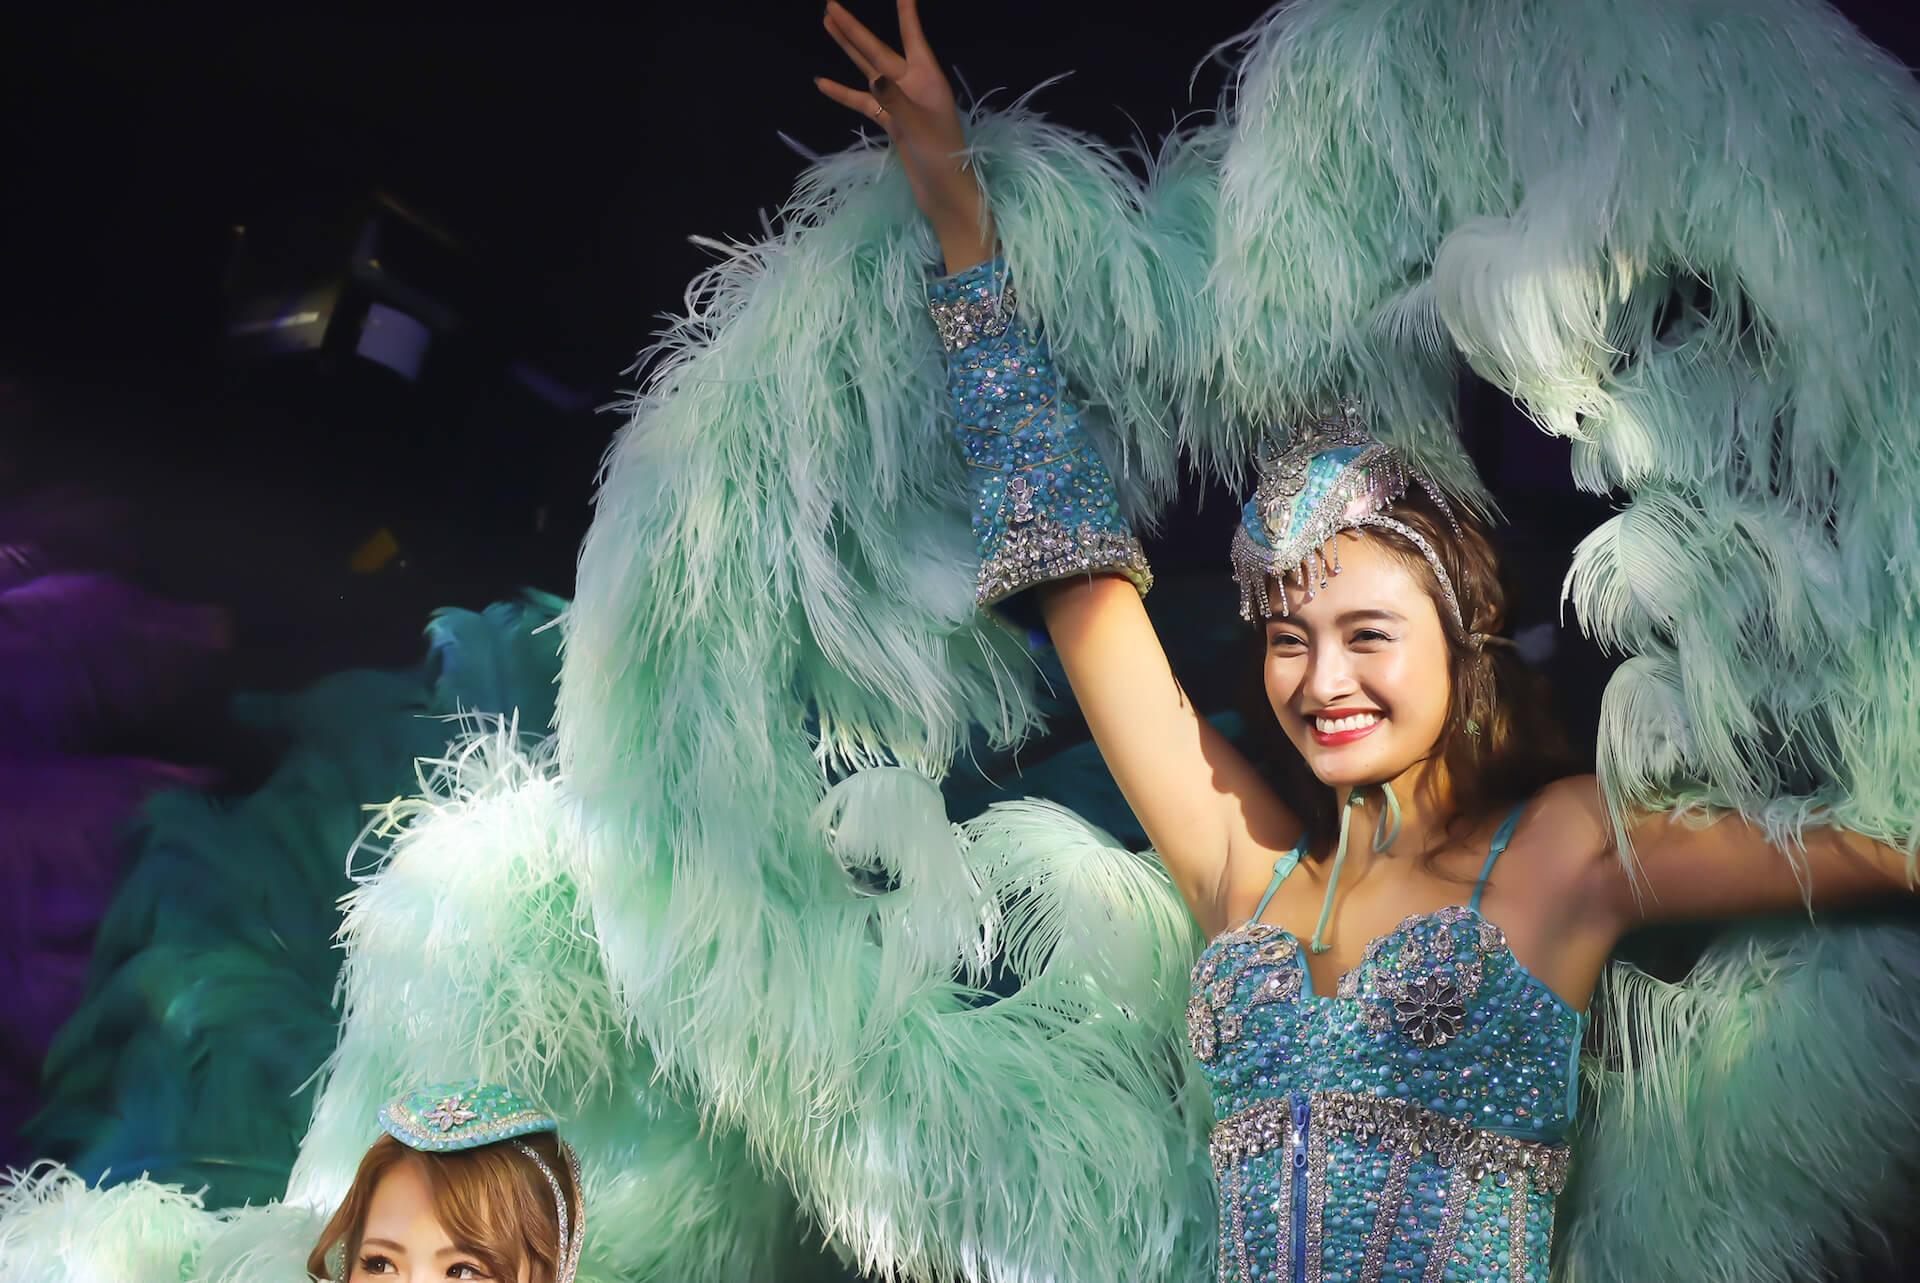 10頭身モデル・香川沙耶がバーレスクショーで美スタイルを惜しげなく披露! art191209_kagawasaya_4